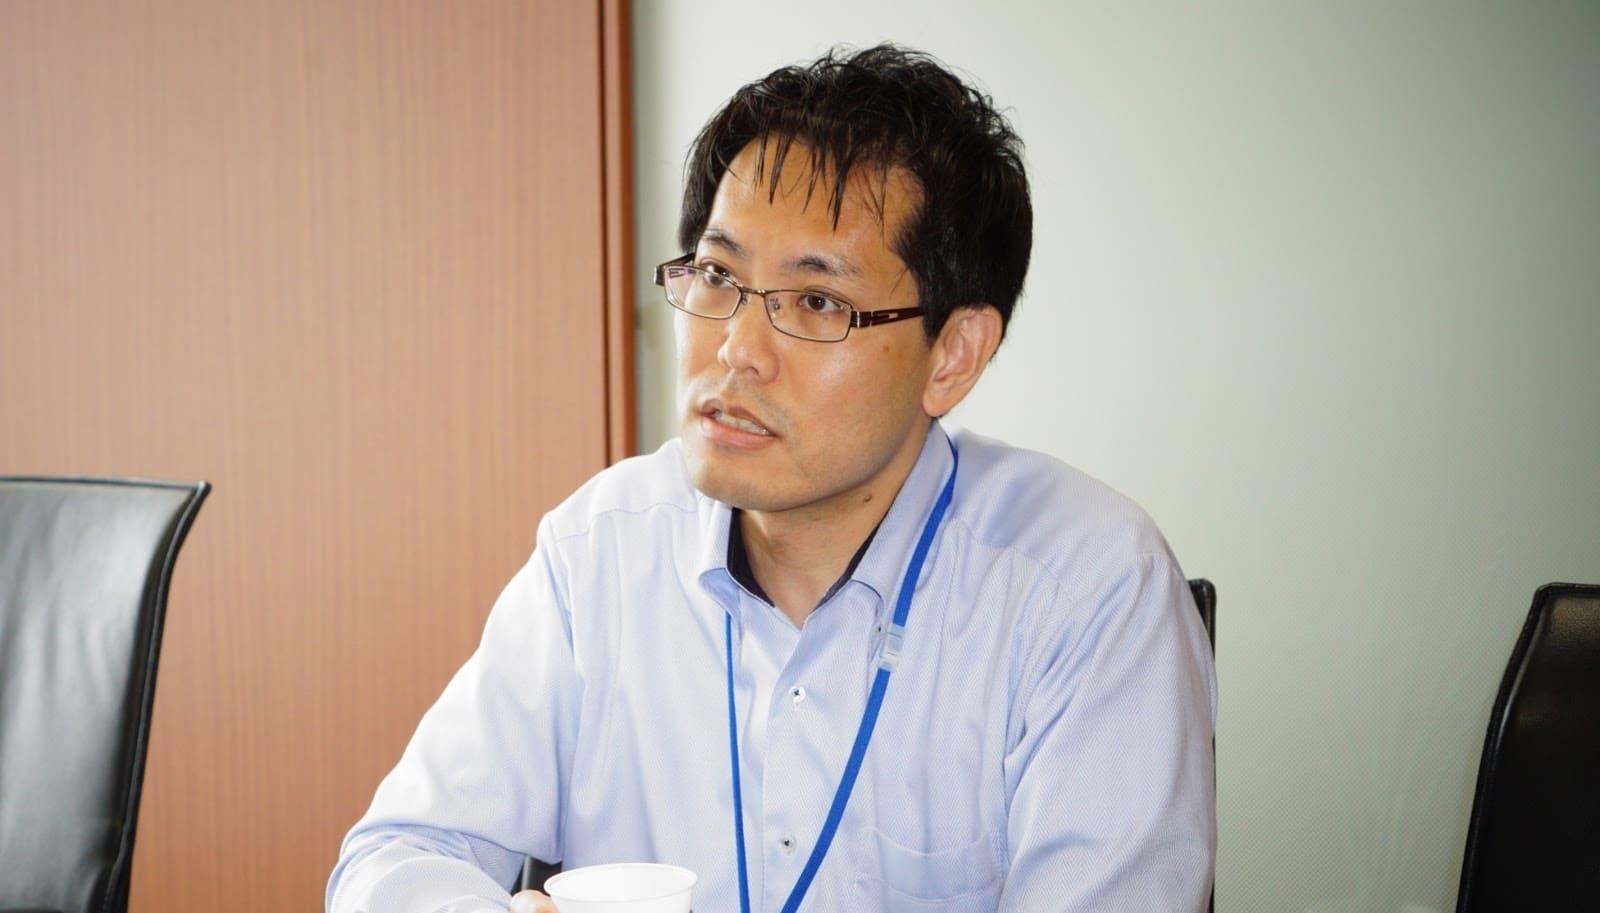 本田氏 1